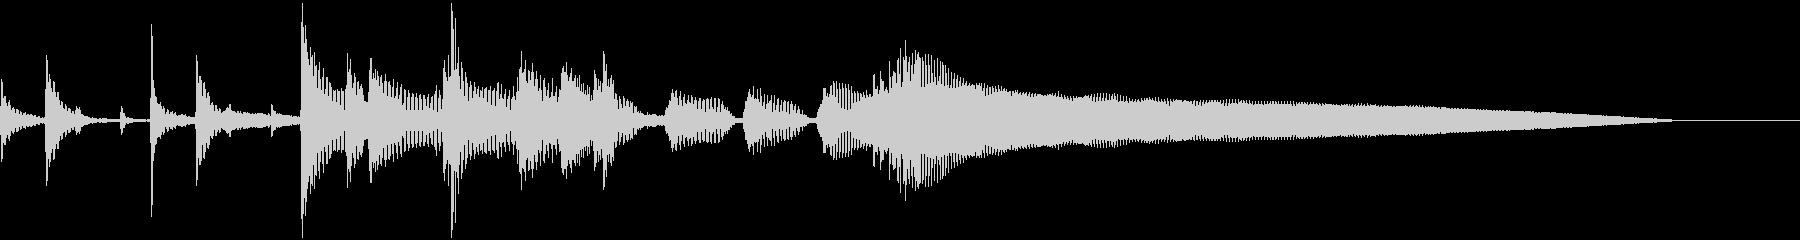 ウクレレやアコースティック楽器が演...の未再生の波形